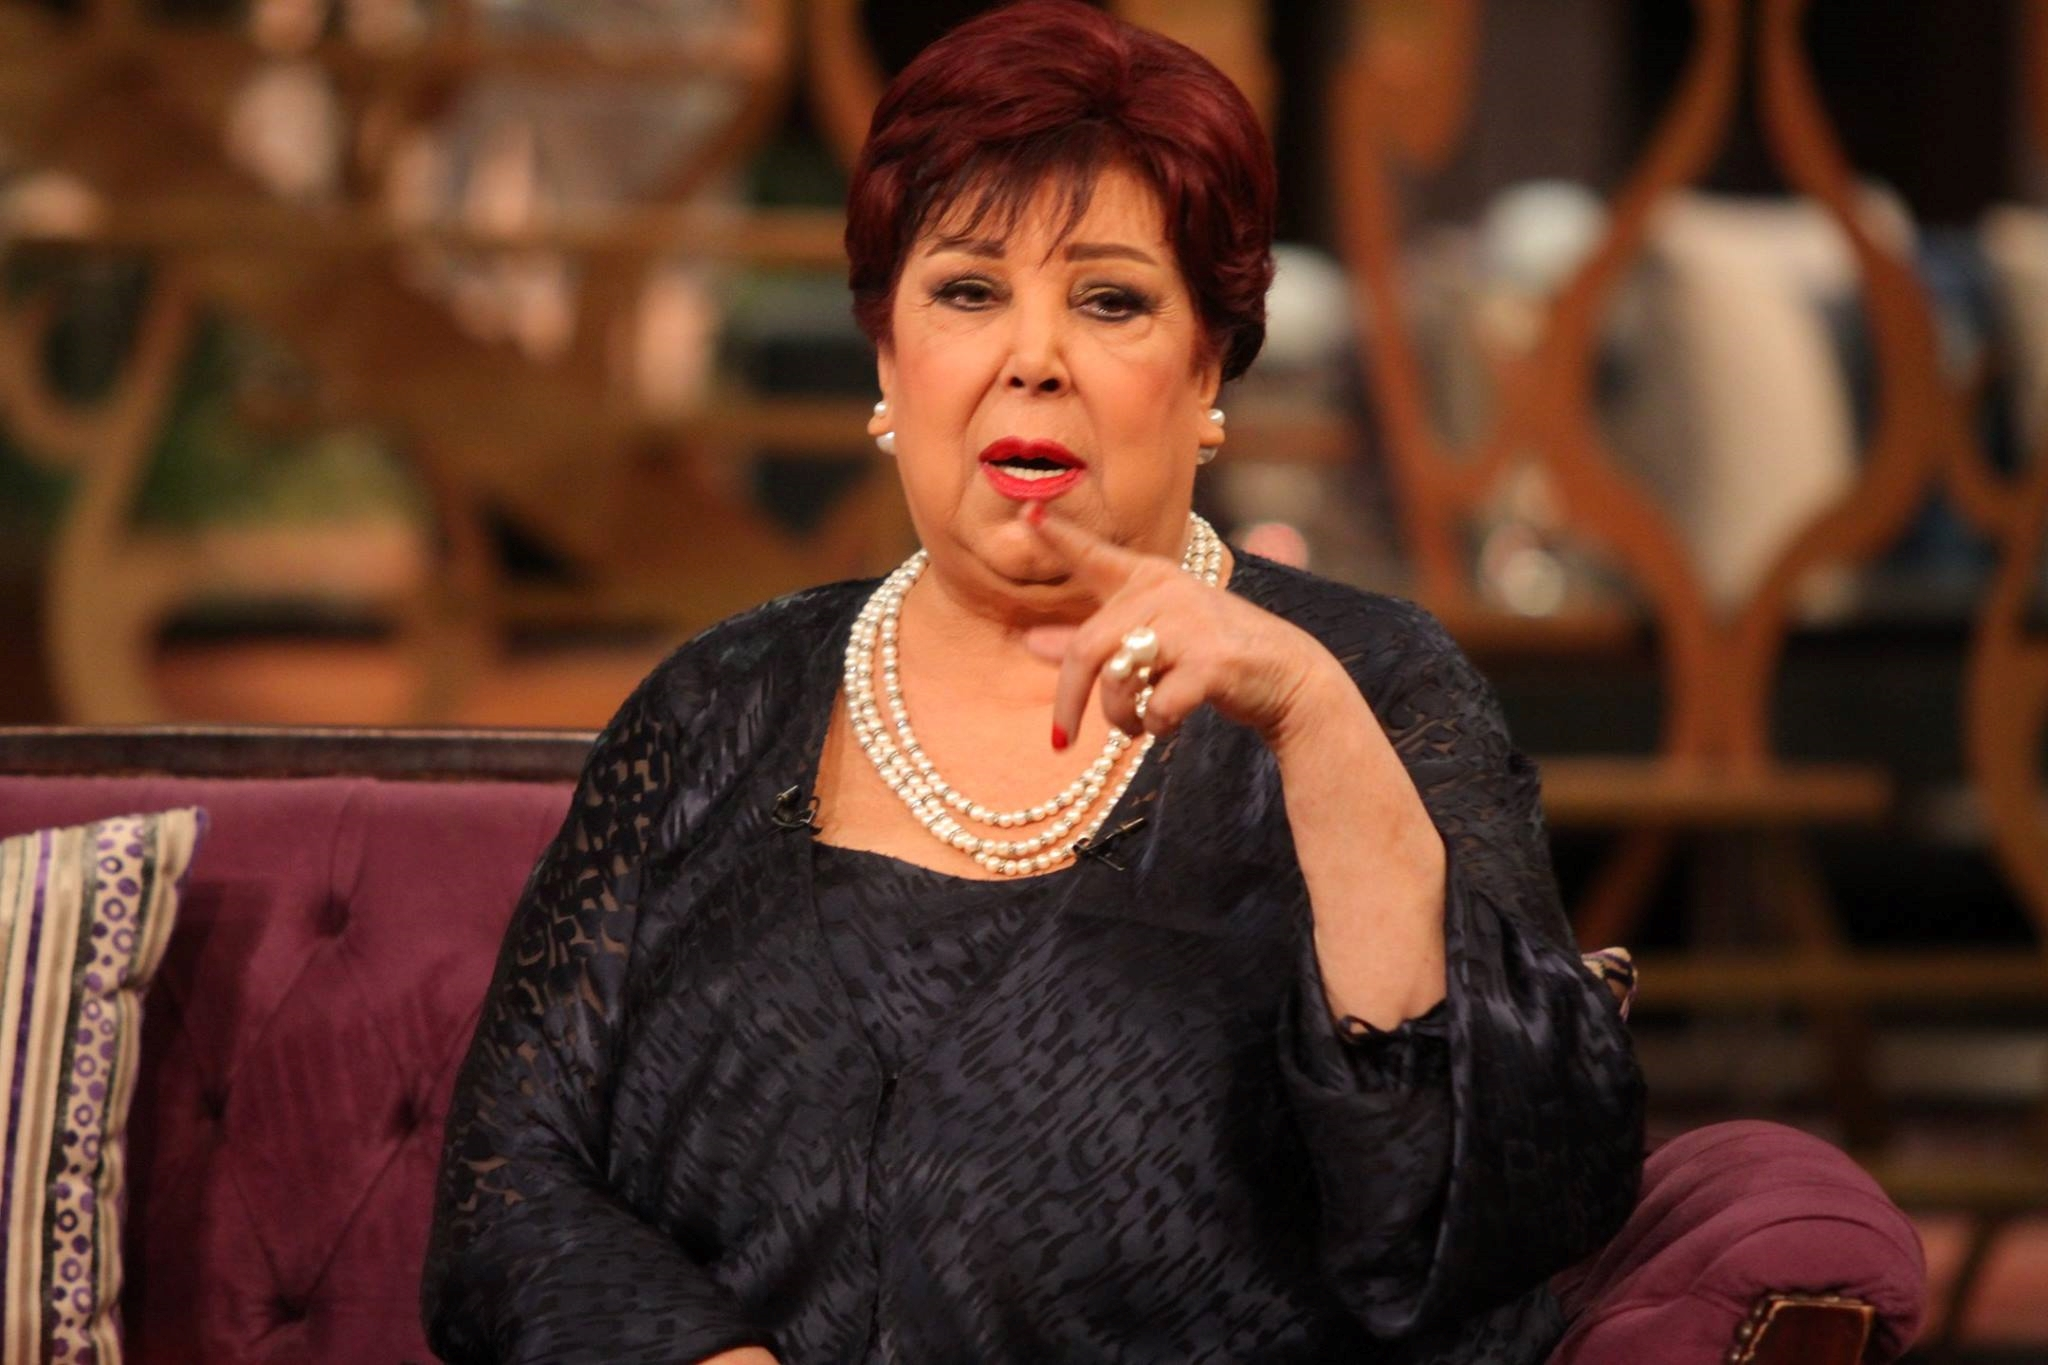 فيروس كورونا يهزم الممثلة المصرية رجاء الجداوي - Alghad